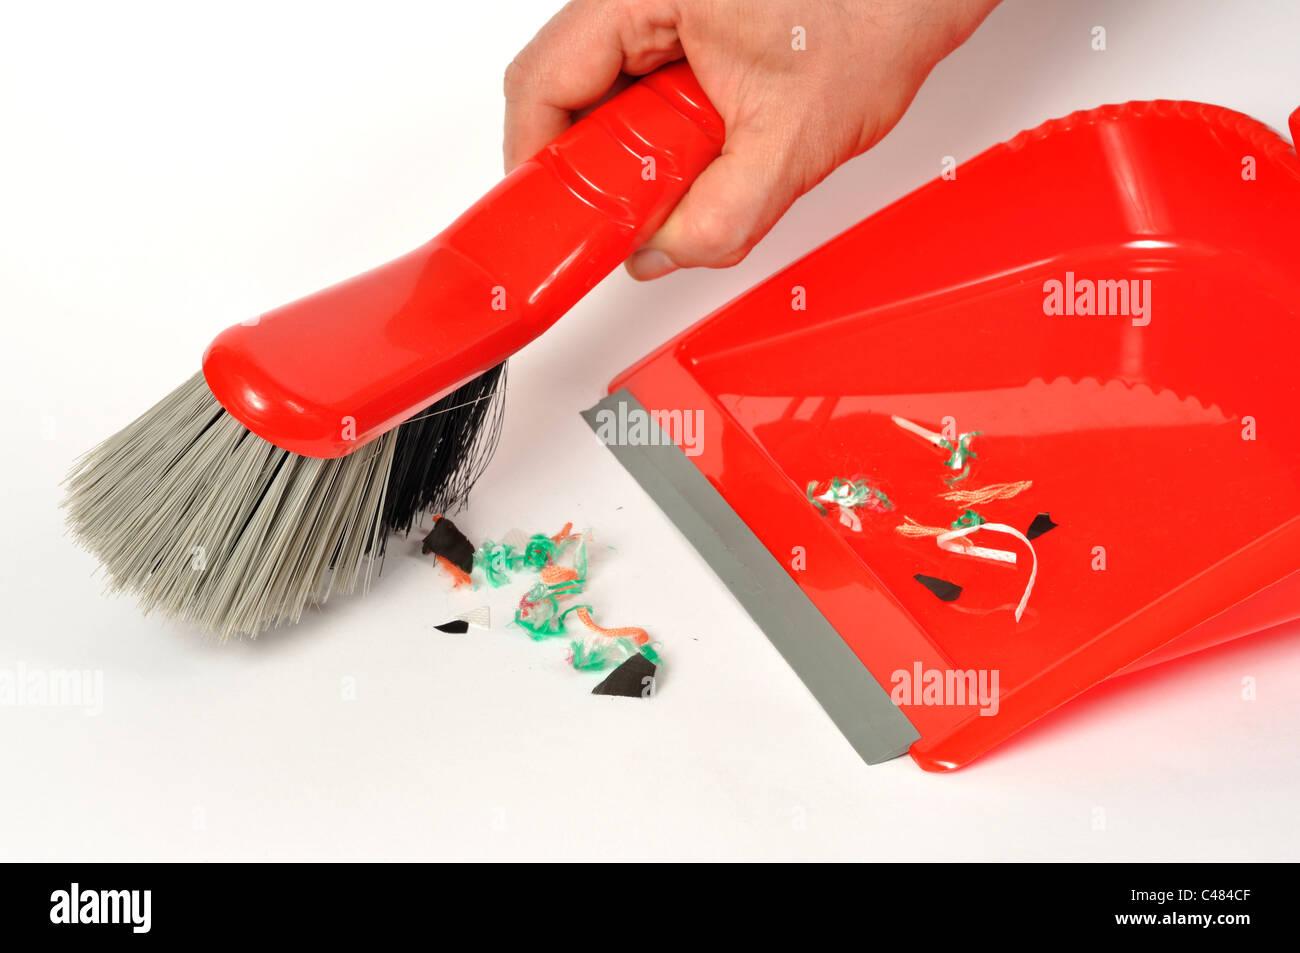 Roten Pinsel und Kehrschaufel mit einigen Müll auf weißem Hintergrund Stockbild